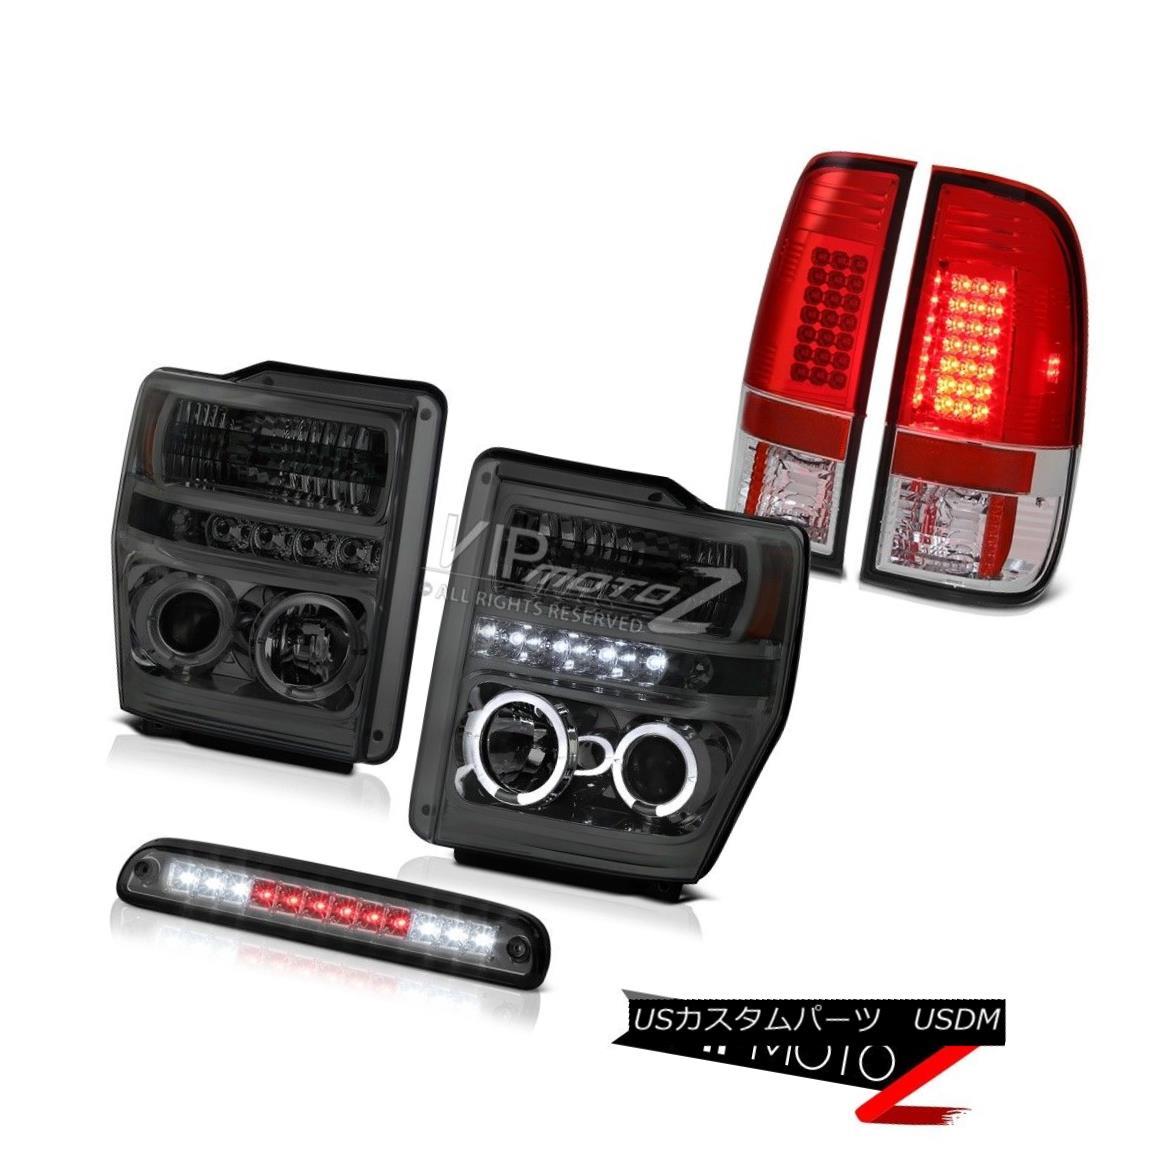 ヘッドライト Smoke Headlight Roof Stop LED Tinted RED Tail Lights Assembly 08 09 10 F250 6.3L スモークヘッドライトルーフストップLED Tinted REDテールライトアセンブリ08 09 10 F250 6.3L